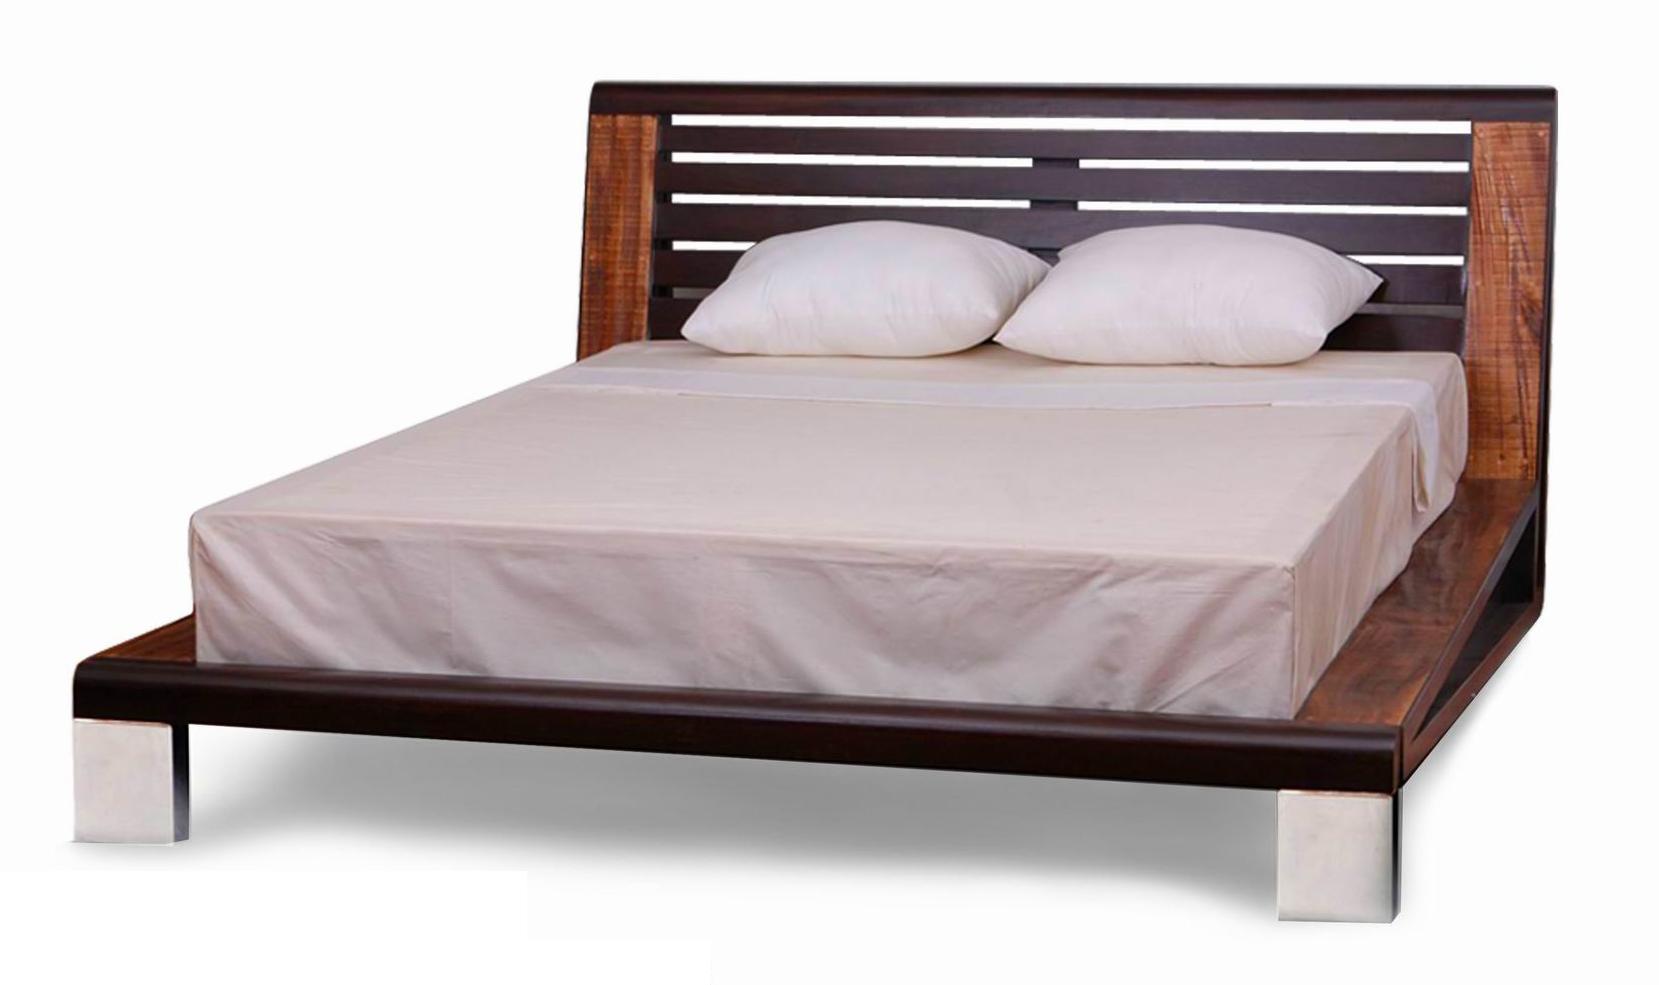 Best Platform Bed Platform Bed Modern Platform Bed Rustic 640 x 480